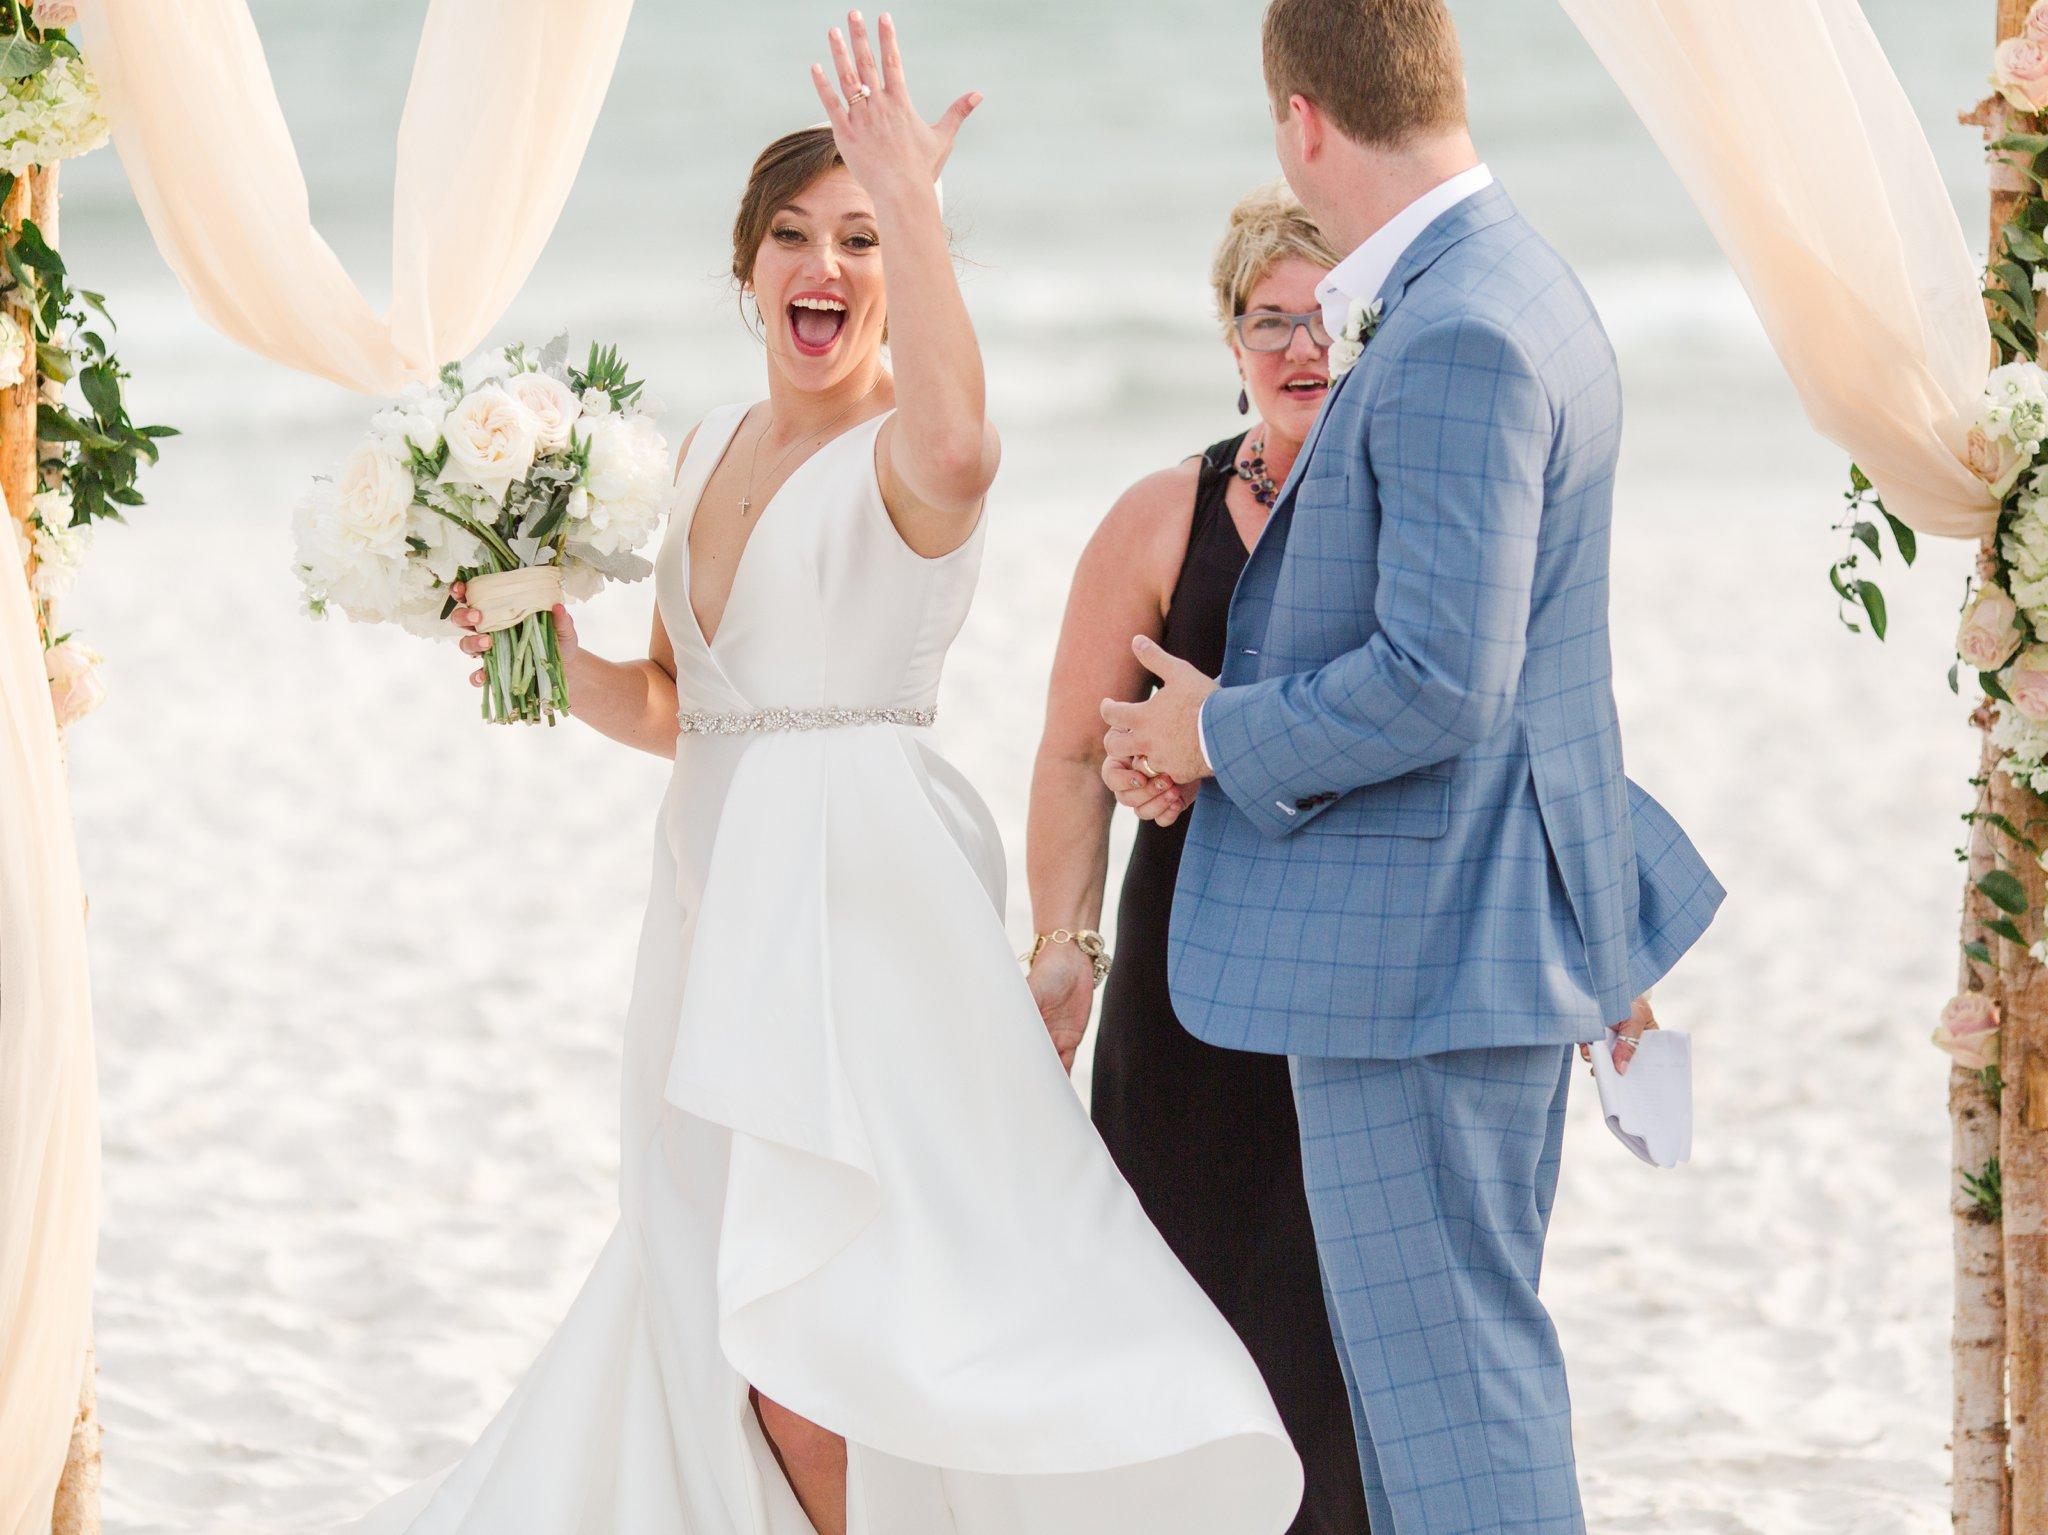 carillon beach wedding photographer shannon griffin photographer_0011.jpg